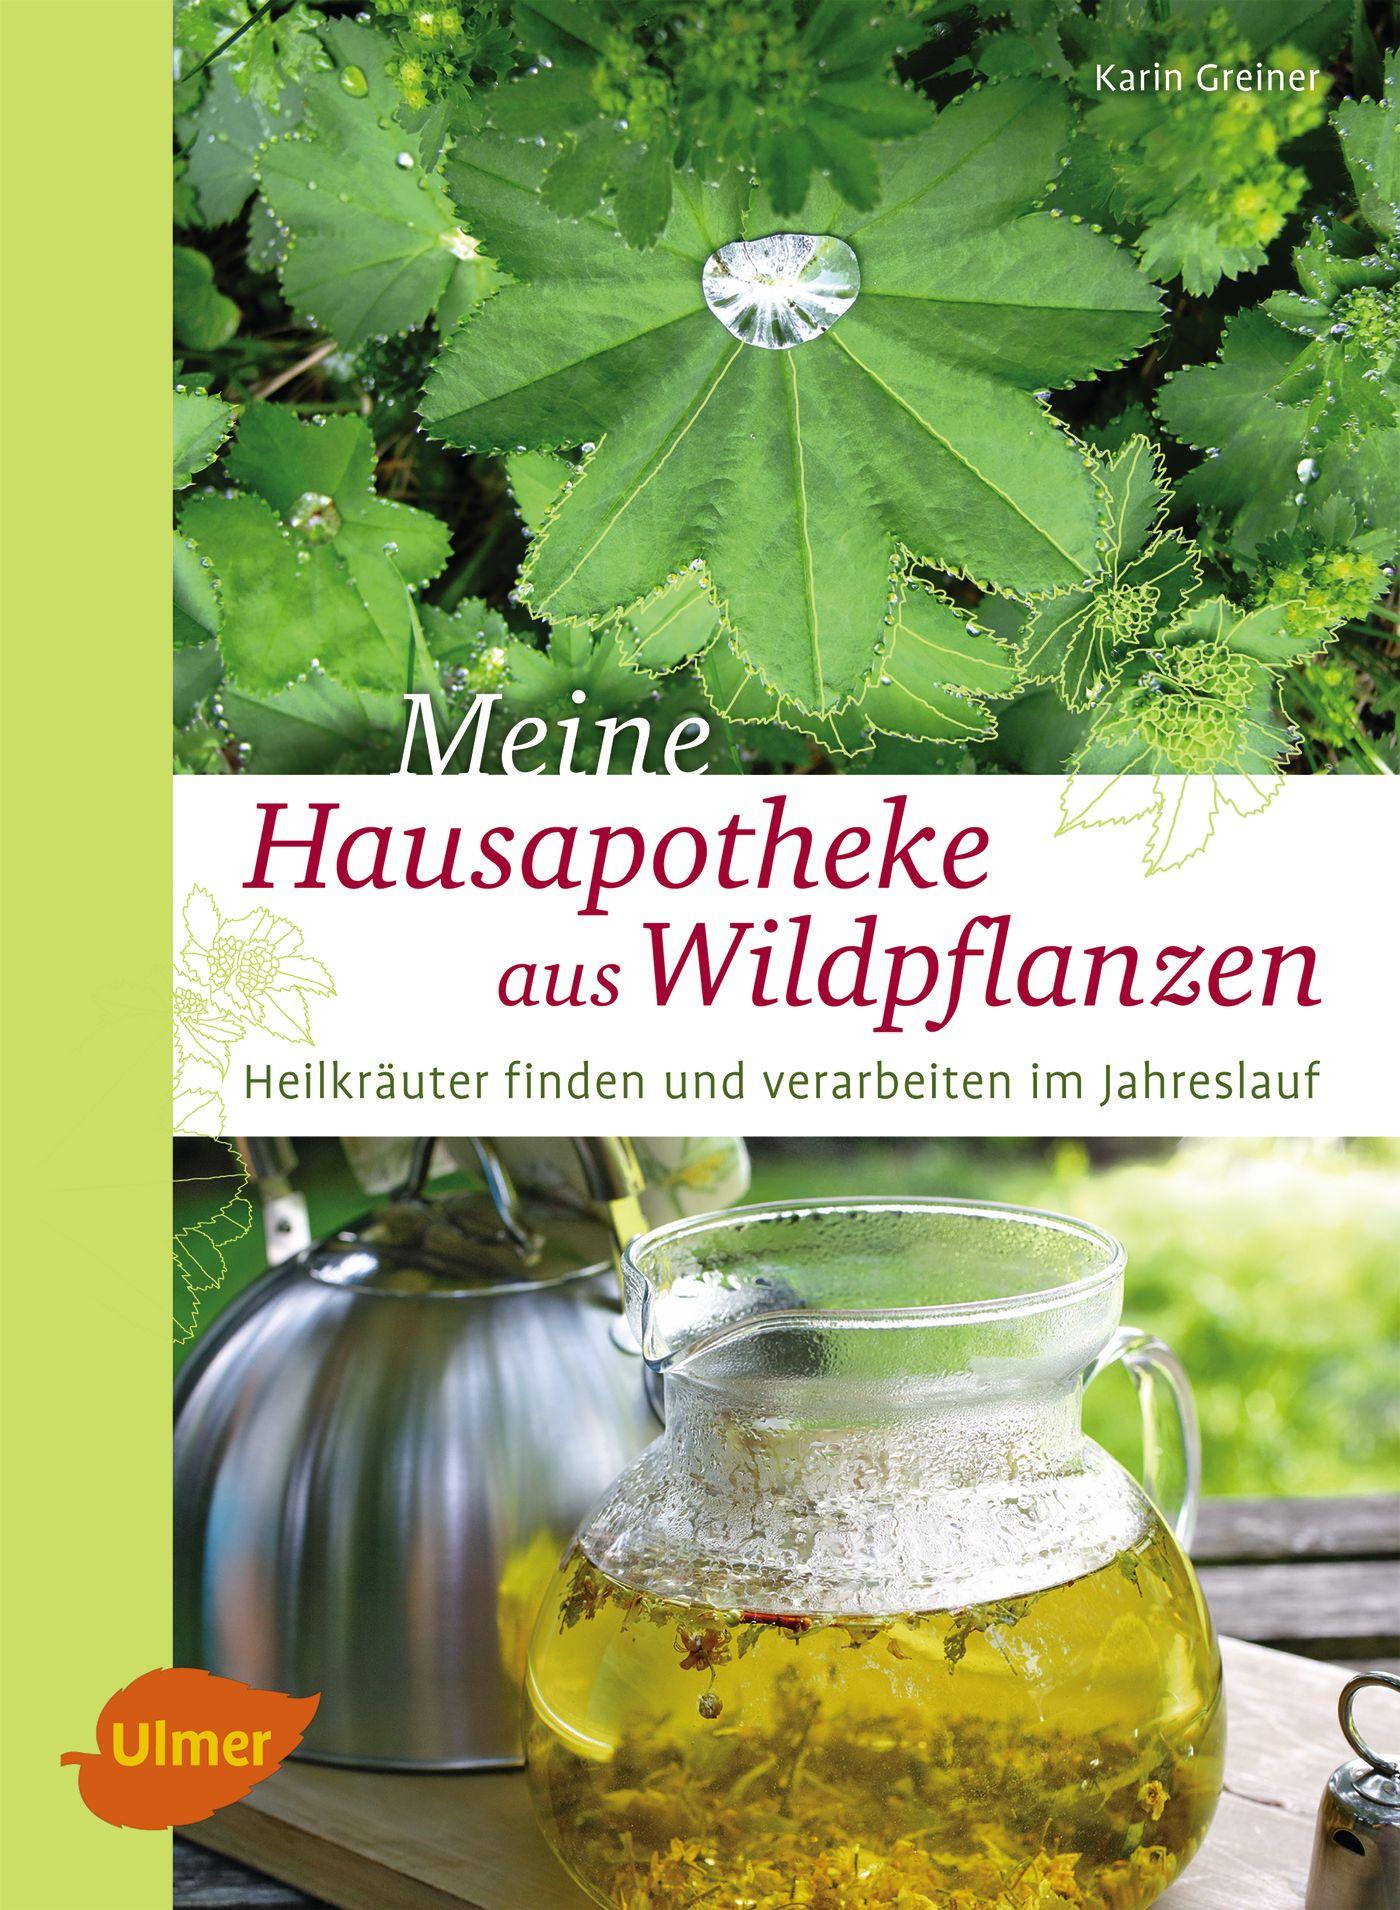 Meine Hausapotheke aus Wildpflanzen: Heilkräute...